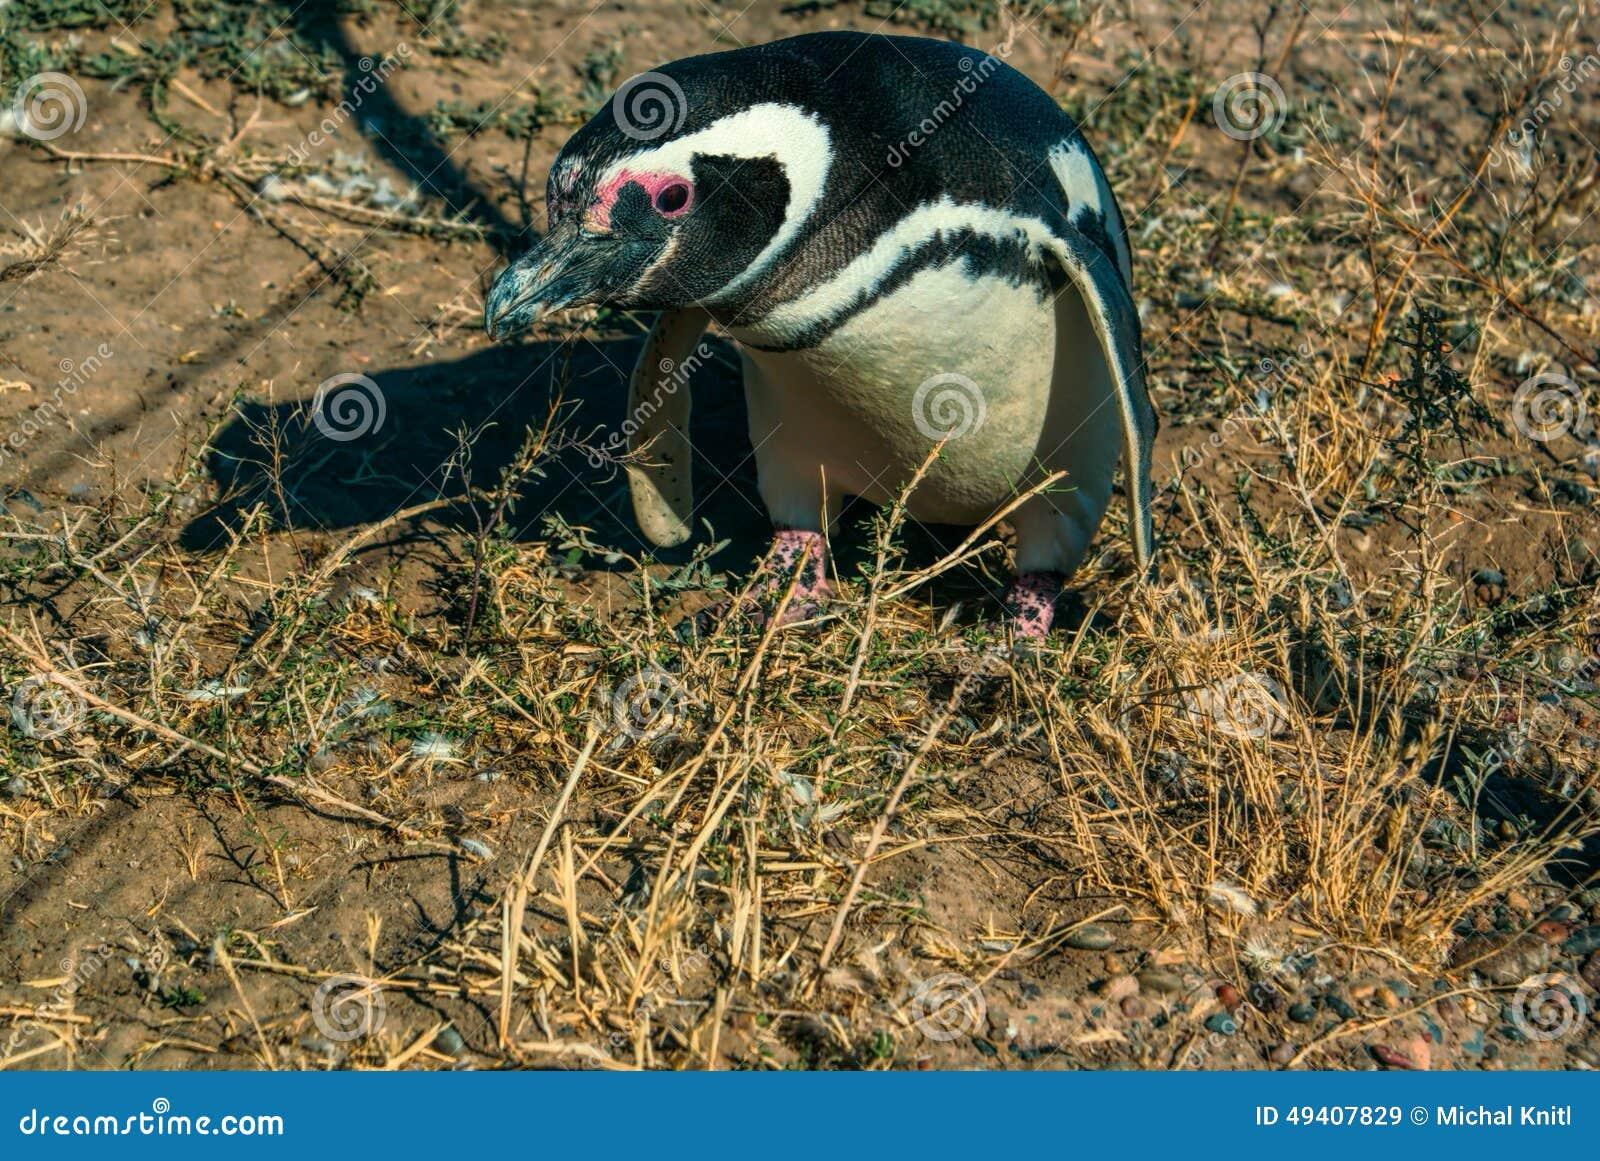 Download Magellanic Pinguin stockbild. Bild von tier, wild, süd - 49407829